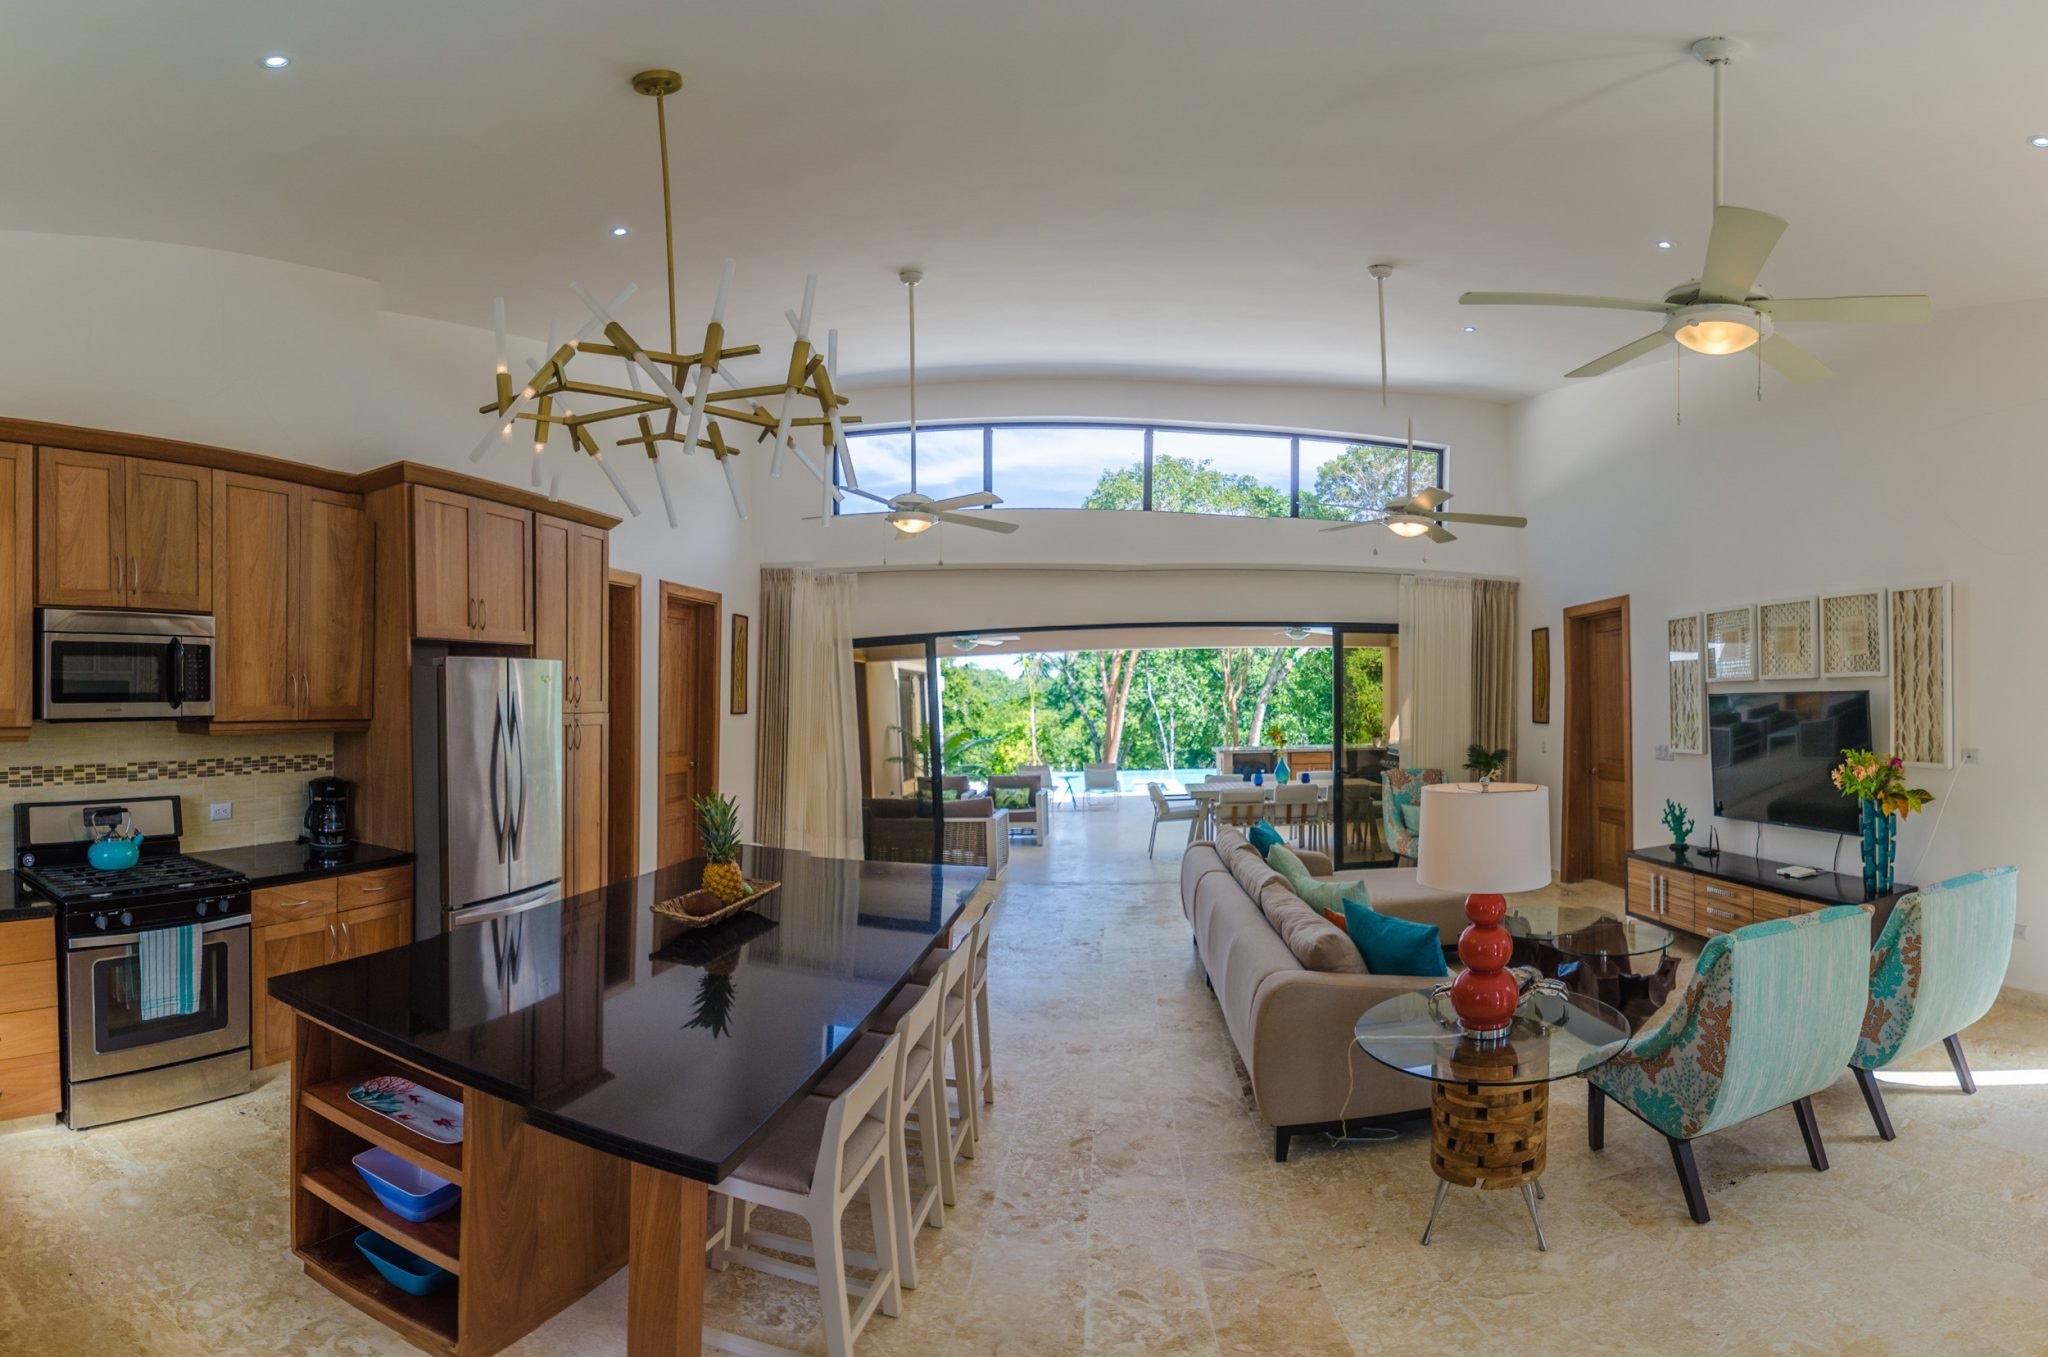 Contemporary Design Villa Sosua Dominican Republic on republica panama, republica bolivariana de venezuela, republica de haiti, republica de cuba, republica dominica flag, republica moldova,